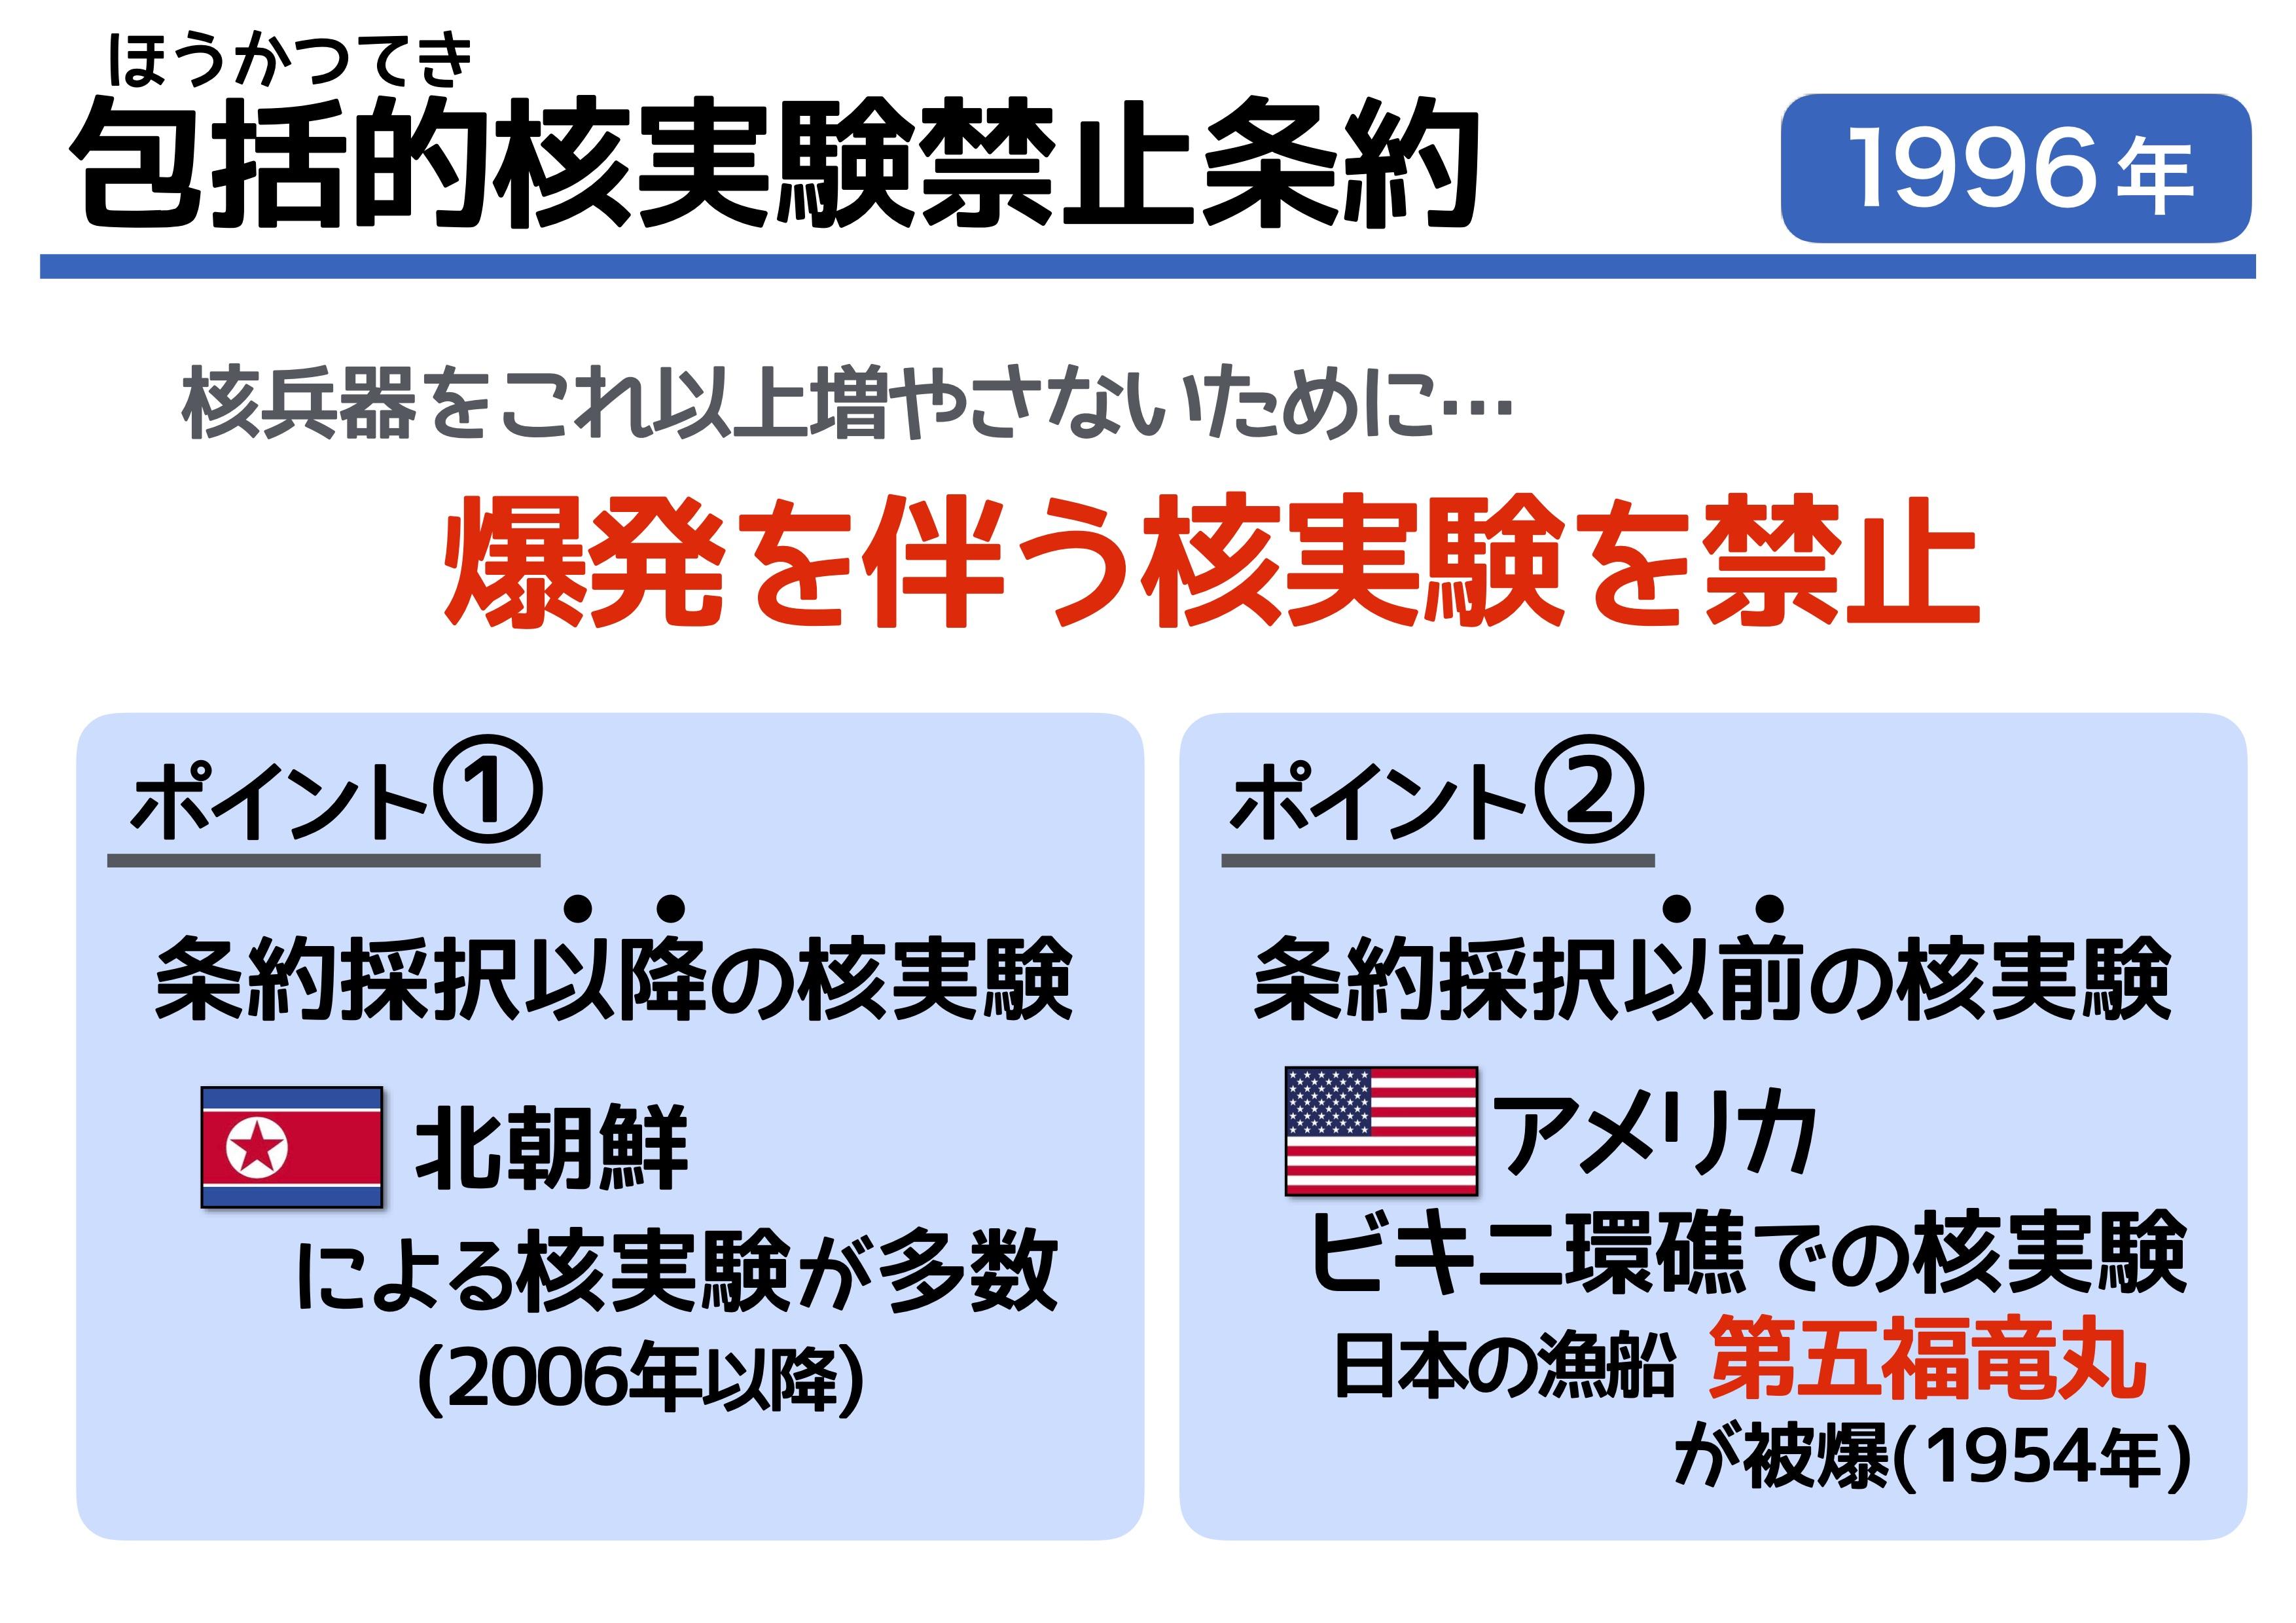 条約 核兵器 禁止